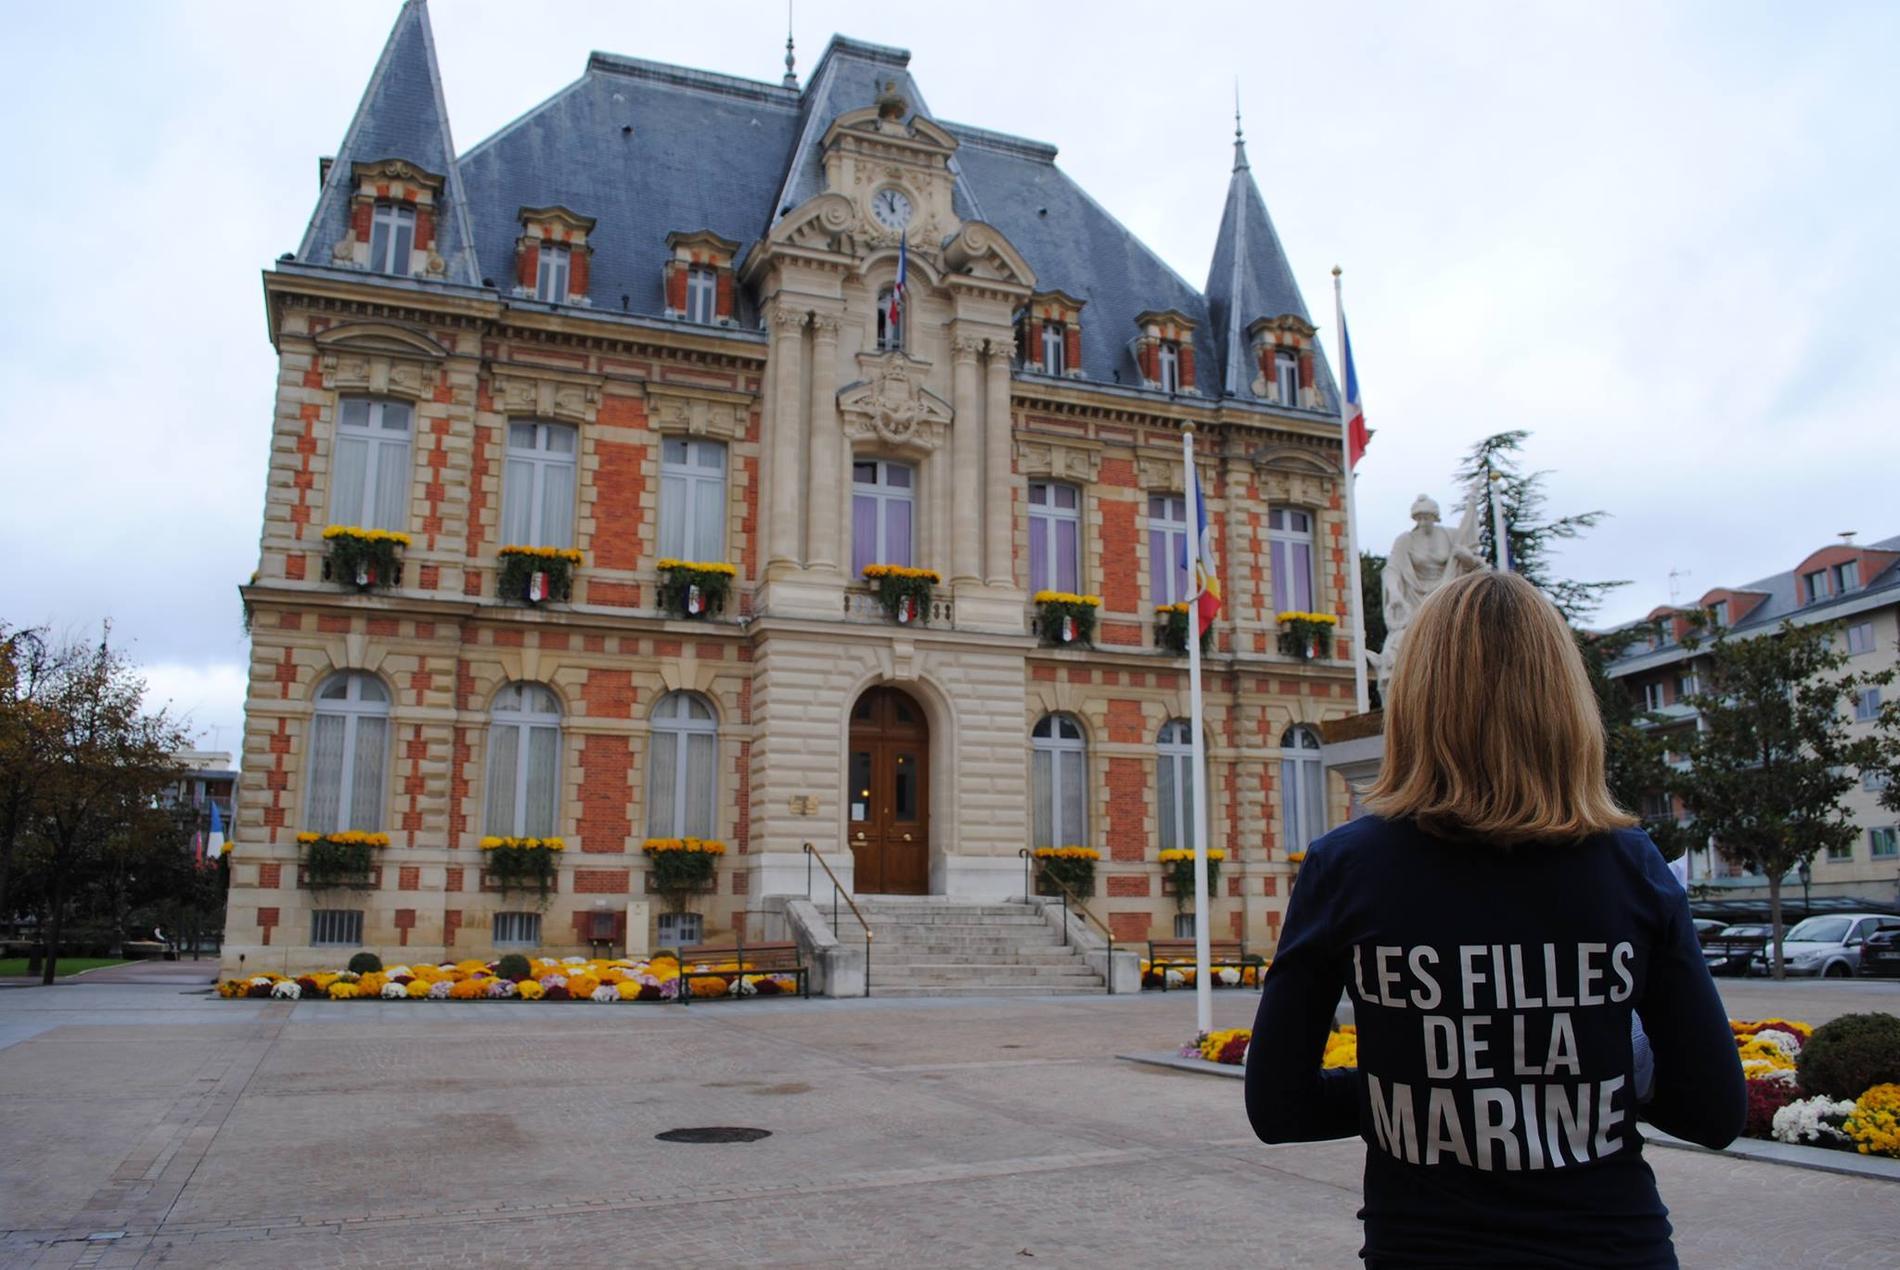 Front National Femme Au Foyer : Zoom sur les quot filles de la marine nouvelle génération